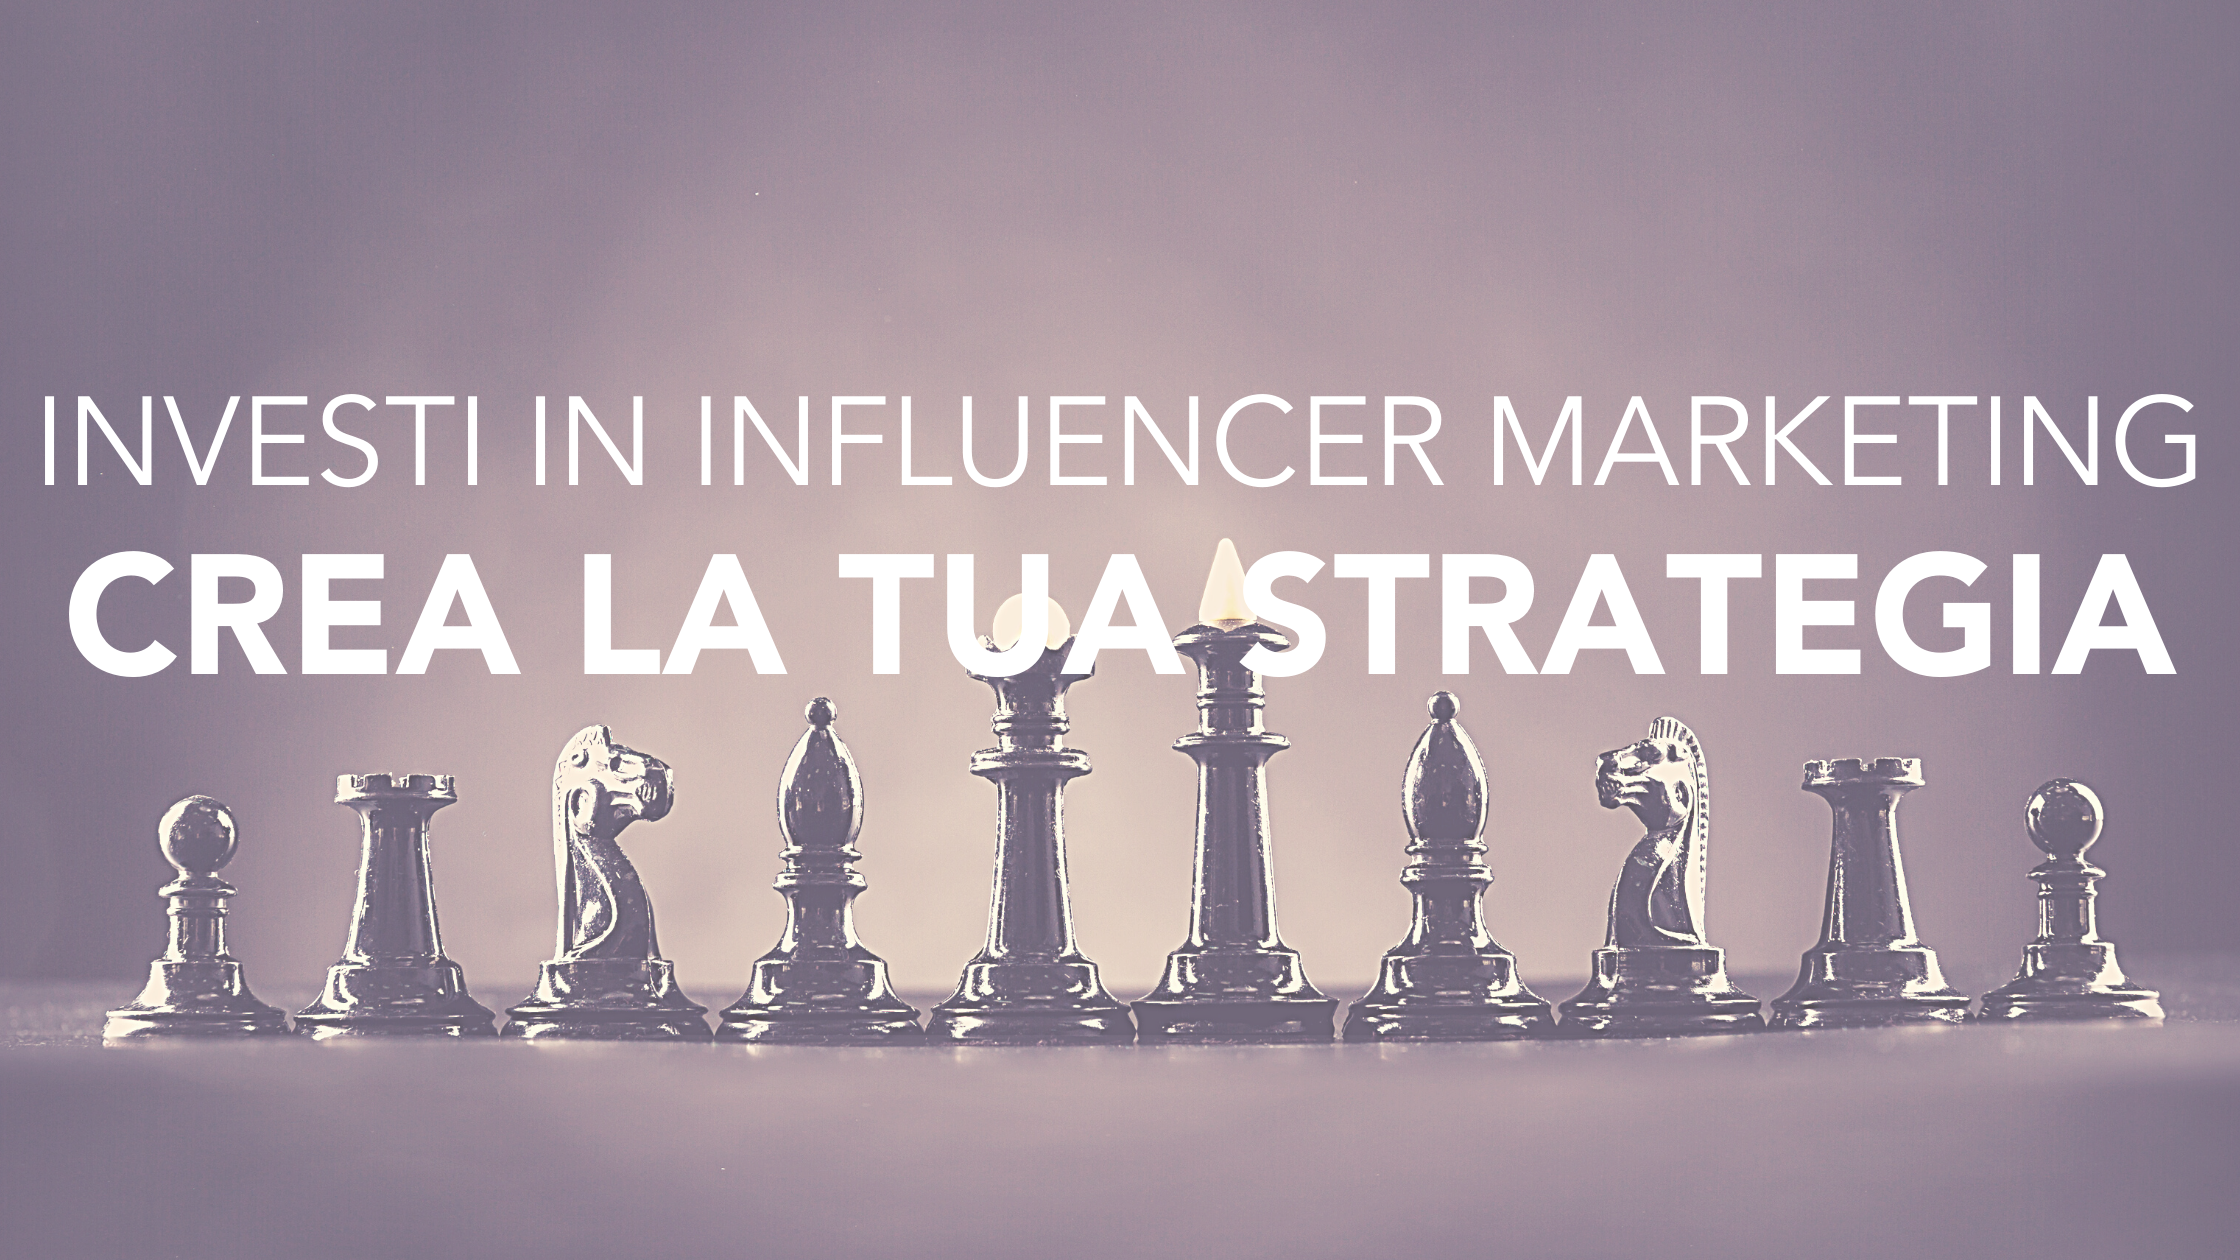 Virality: L'influencer marketing funziona? 7 motivi per integrarlo nella tua strategia